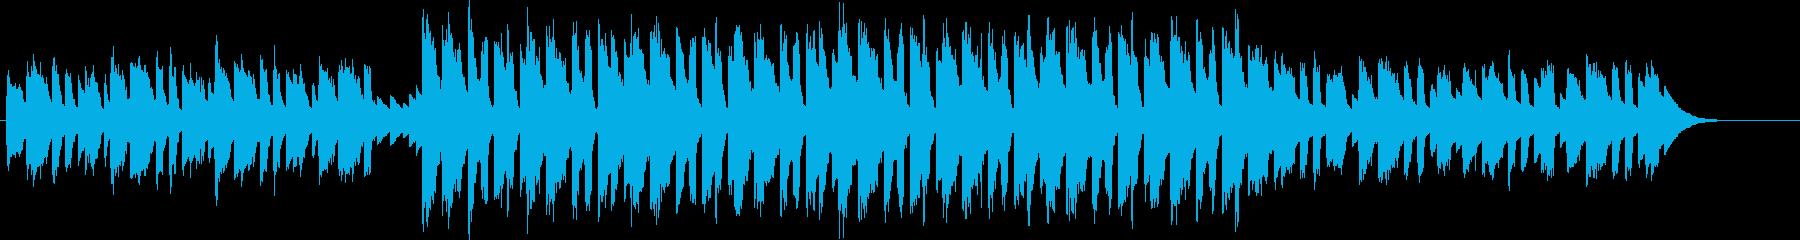 キラキラ輝くサウンドなエレクトロの再生済みの波形